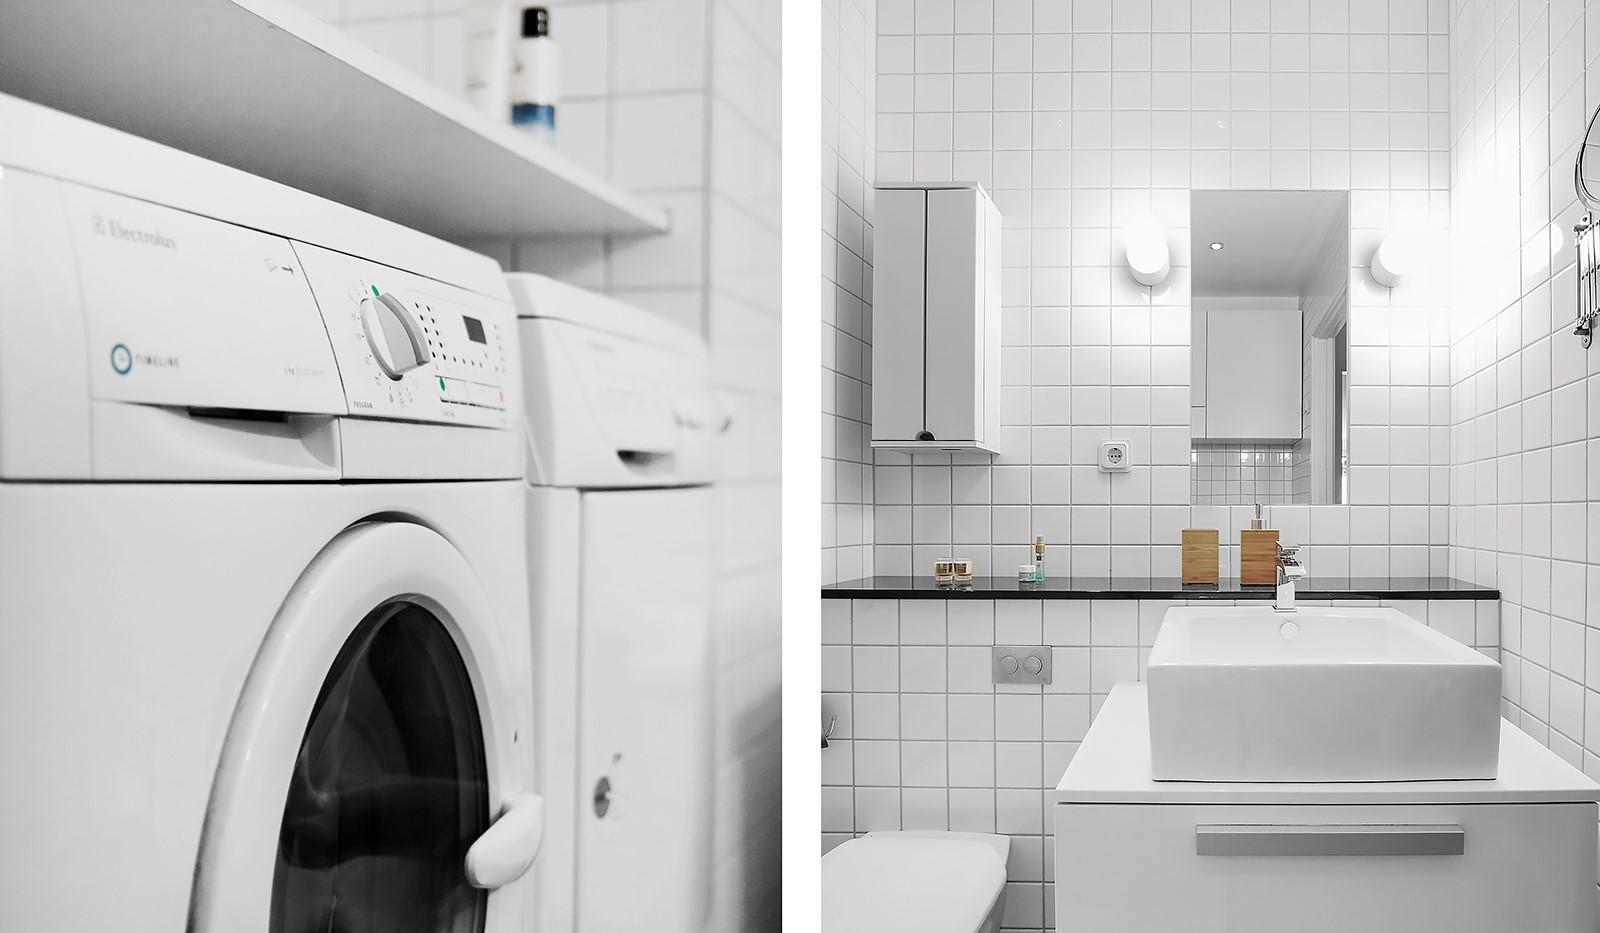 Korphoppsgatan 20 - Badrummet är utrustat med tvättmaskin och torktumlare